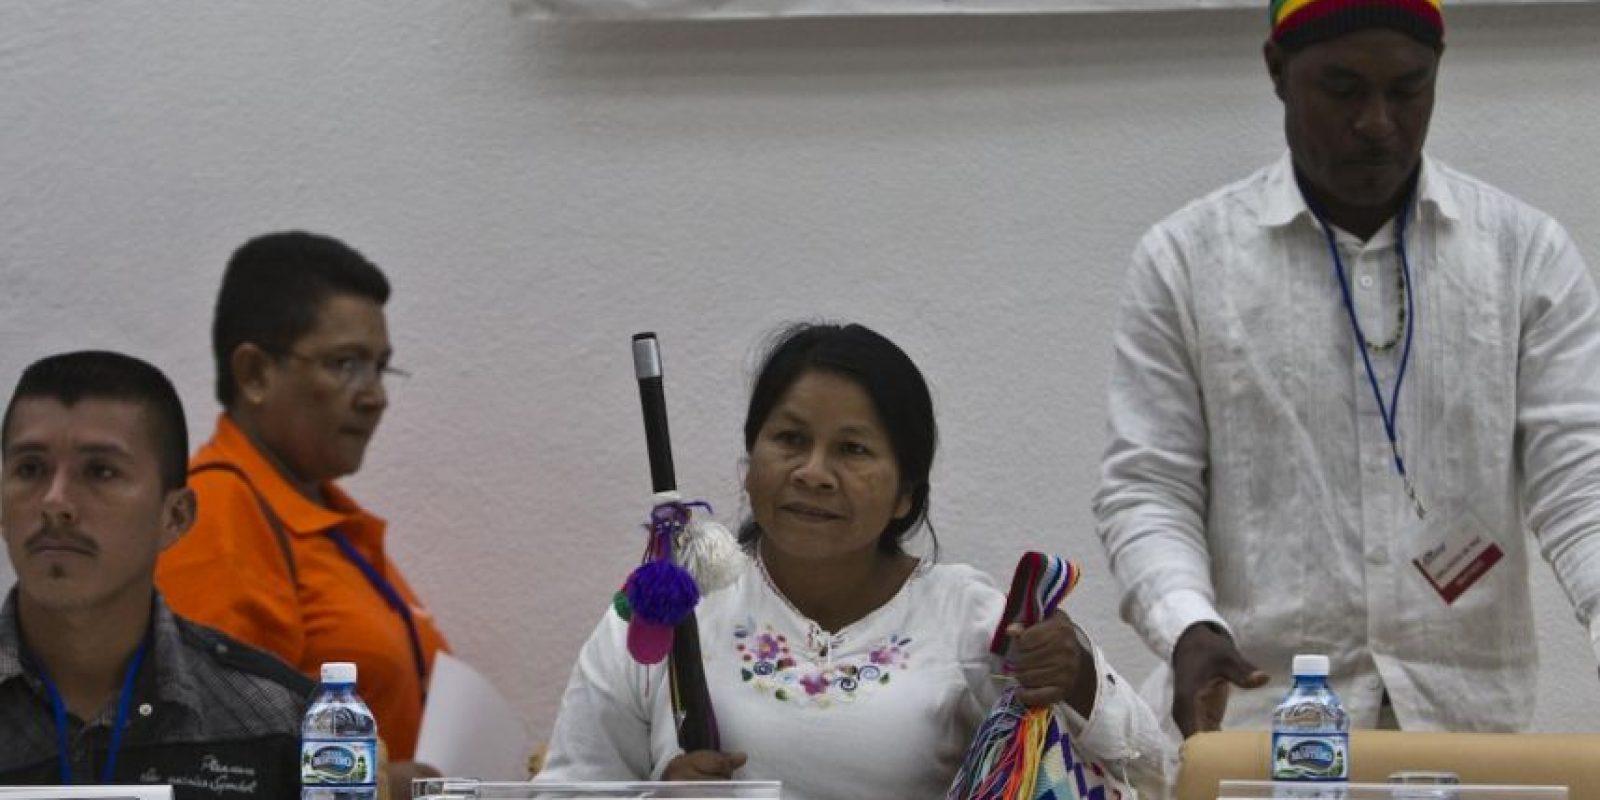 En Cuba, los negociadores se quedaron esperando a los demás integrantes del proceso. Foto:AP